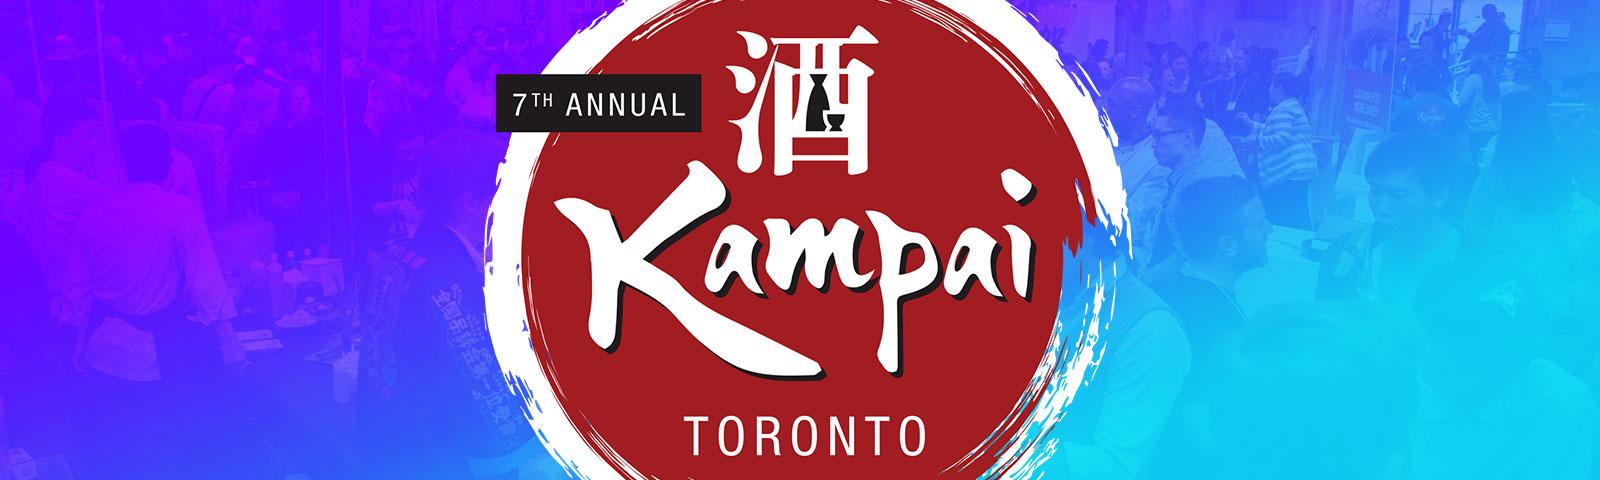 Kampai Toronto 2018